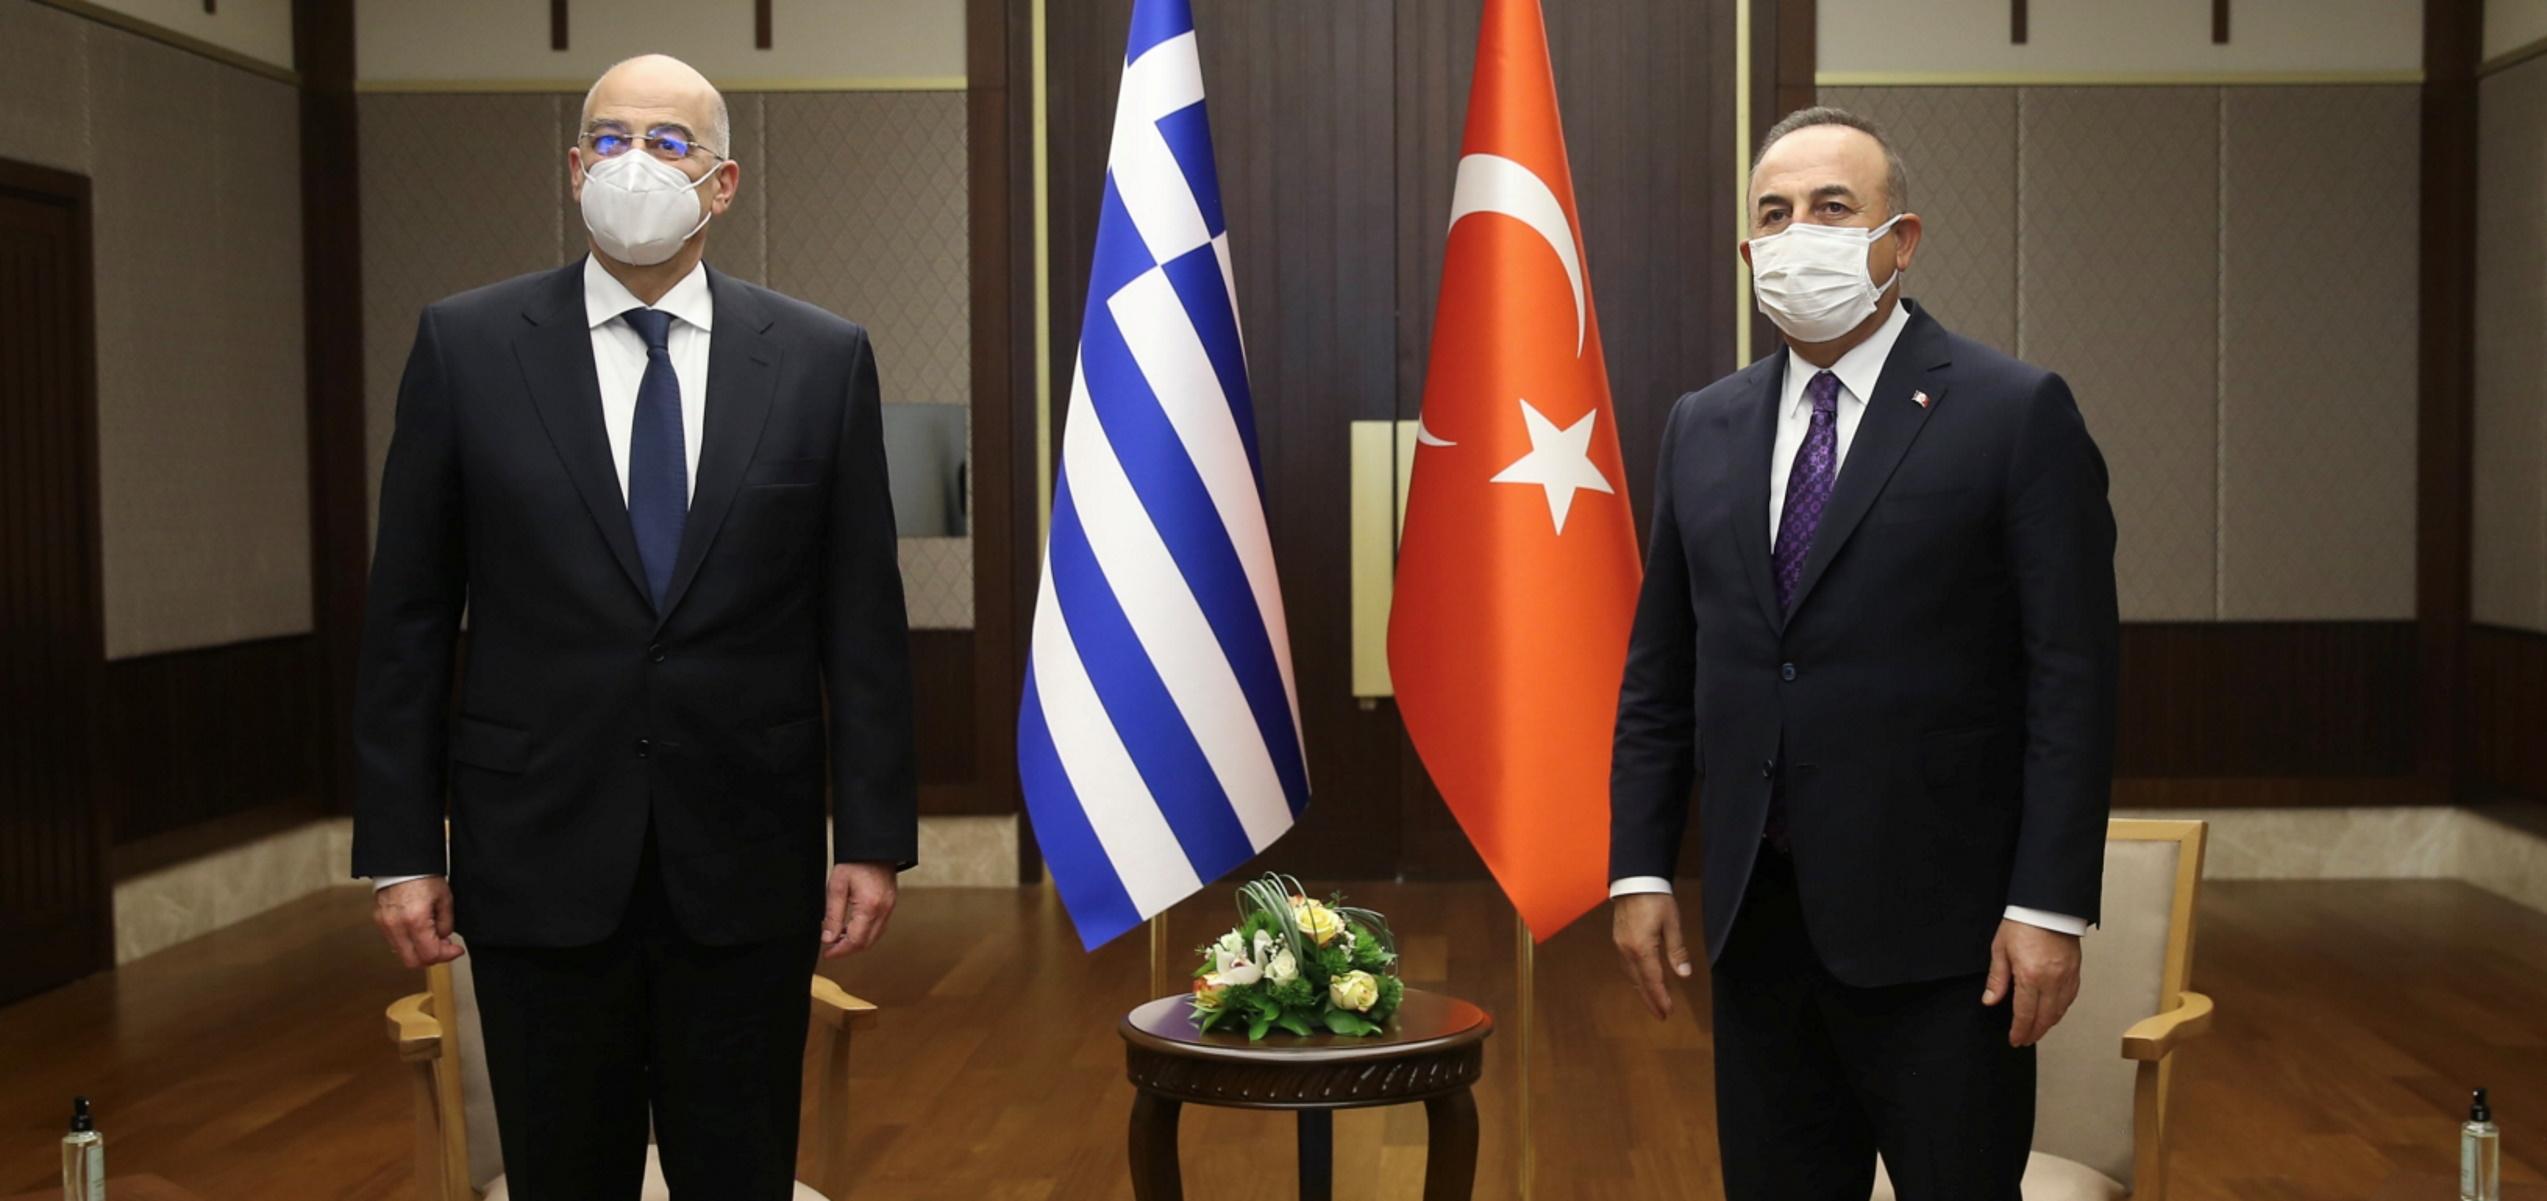 Τσαβούσογλου: Η επίσκεψη στην Θράκη, οι επιδιώξεις της Τουρκίας και το μήνυμα της Ελλάδας